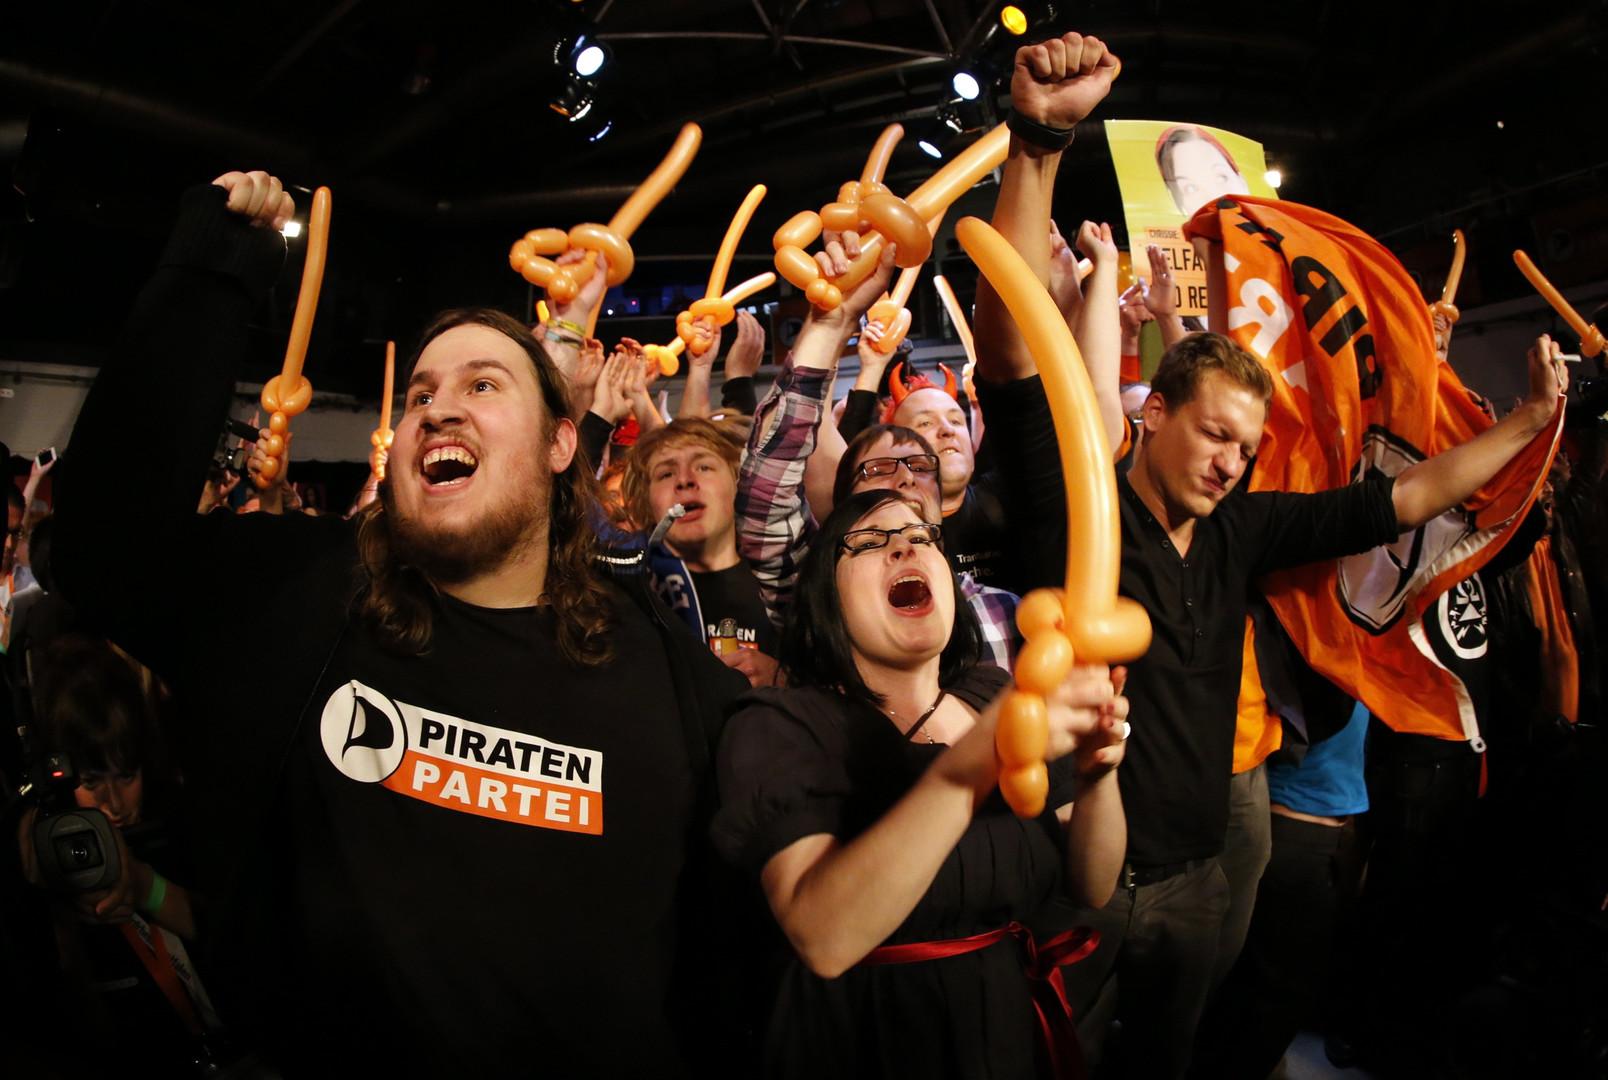 Ein Bild aus besseren Tagen - Die Piratenpartei 2012